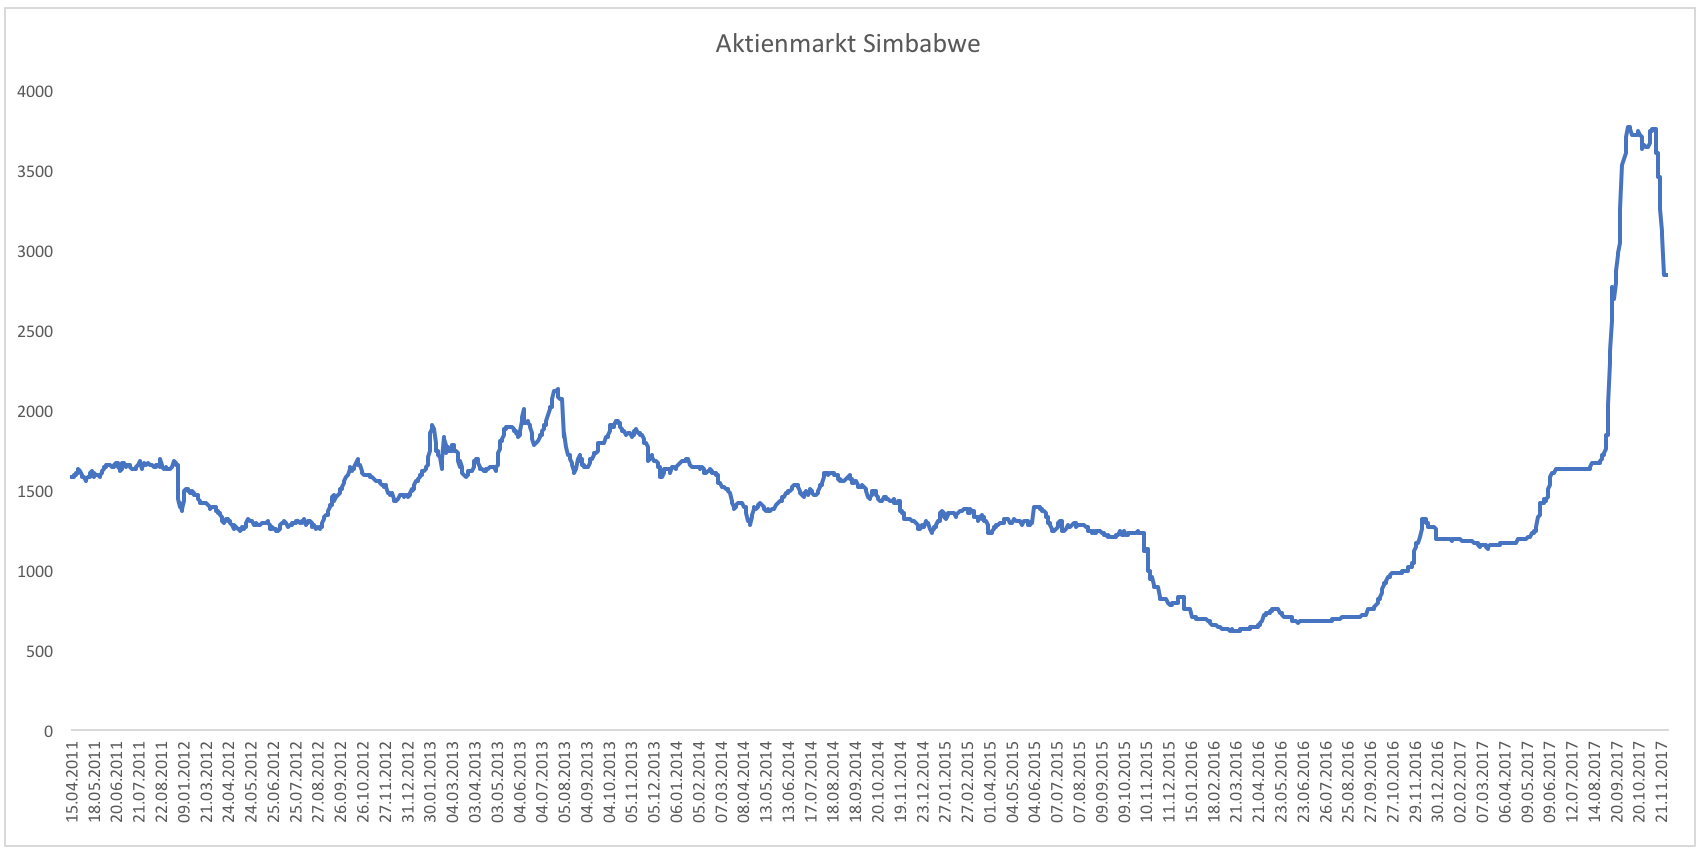 Aktien-als-Krisenwährung-Kommentar-Clemens-Schmale-GodmodeTrader.de-1